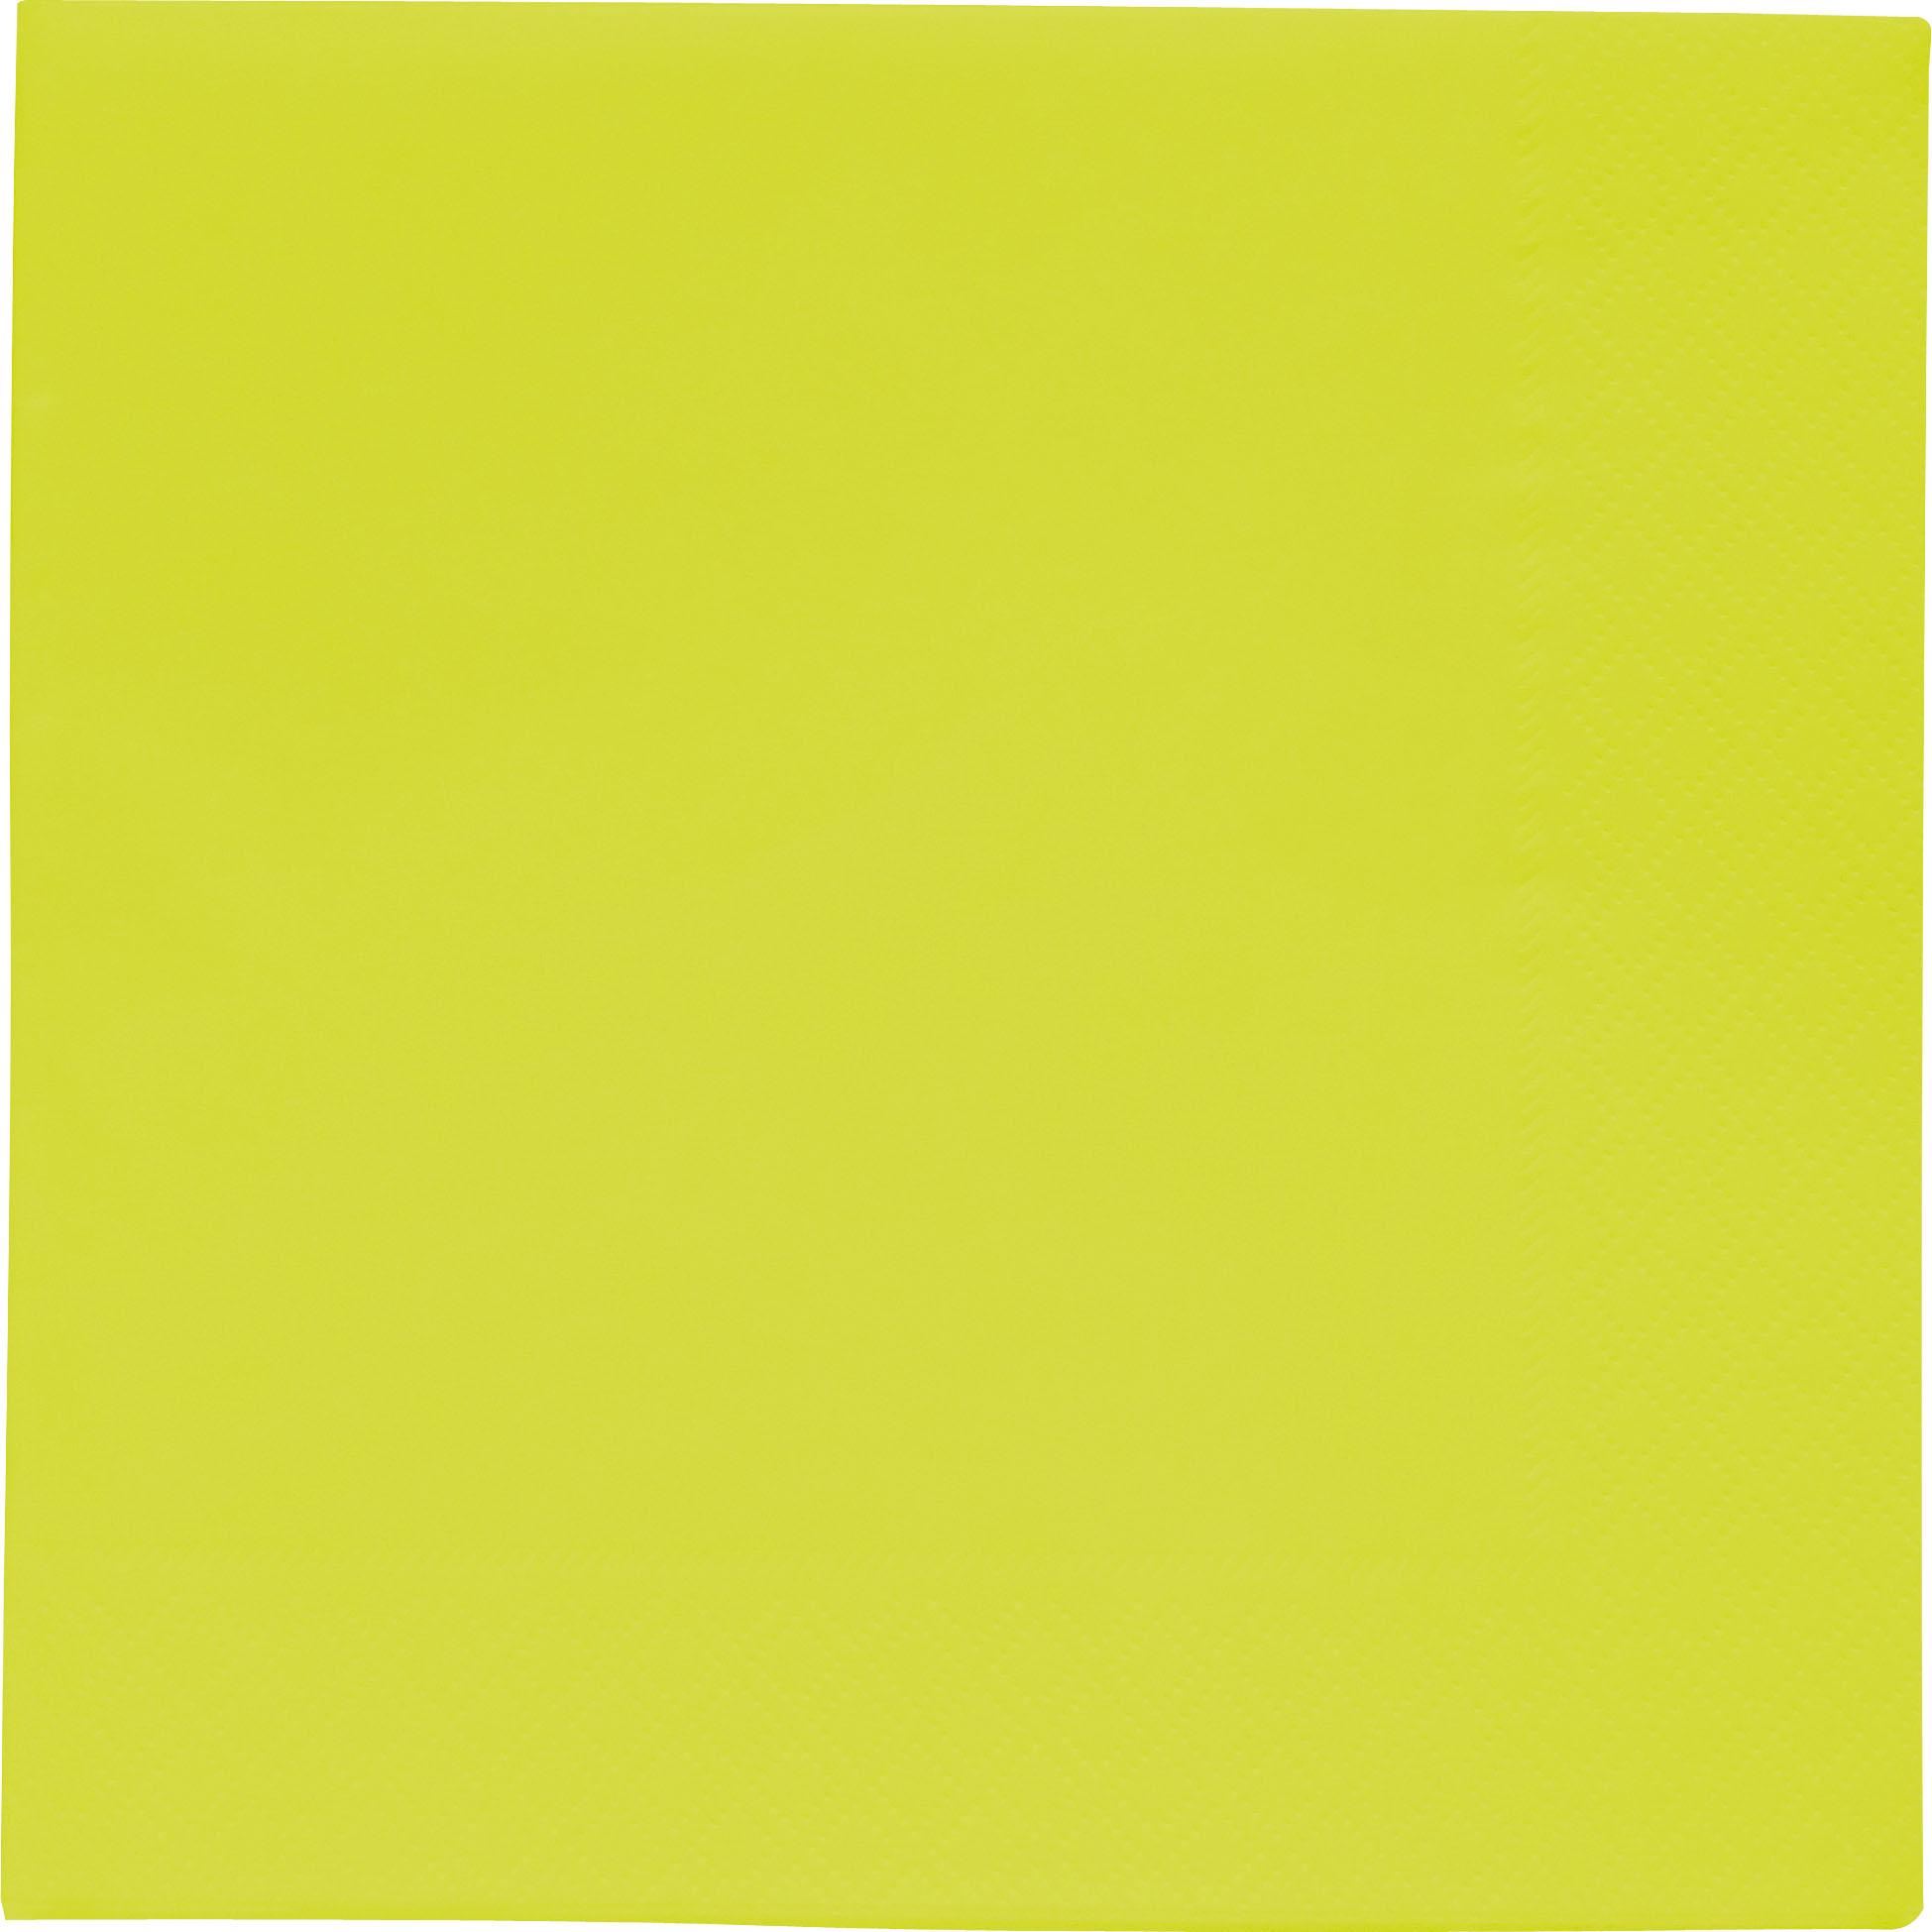 20 serviettes en papier pais vert 33 x 33 cm d coration anniversaire et f tes th me sur. Black Bedroom Furniture Sets. Home Design Ideas